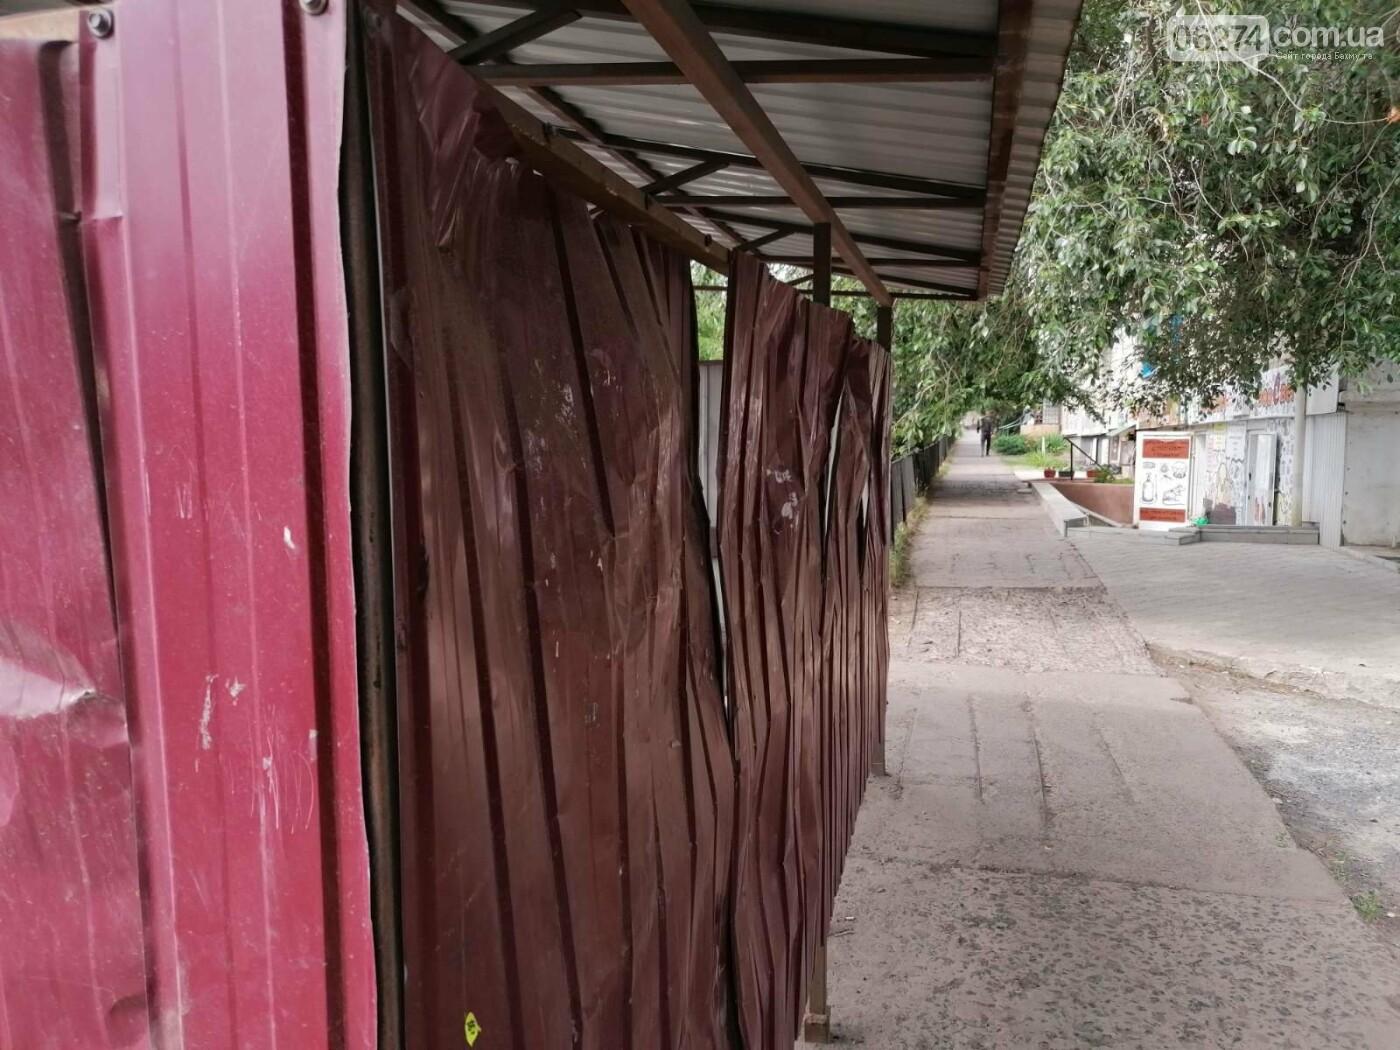 В Бахмуте неизвестные сломали несколько остановочных павильонов, фото-4